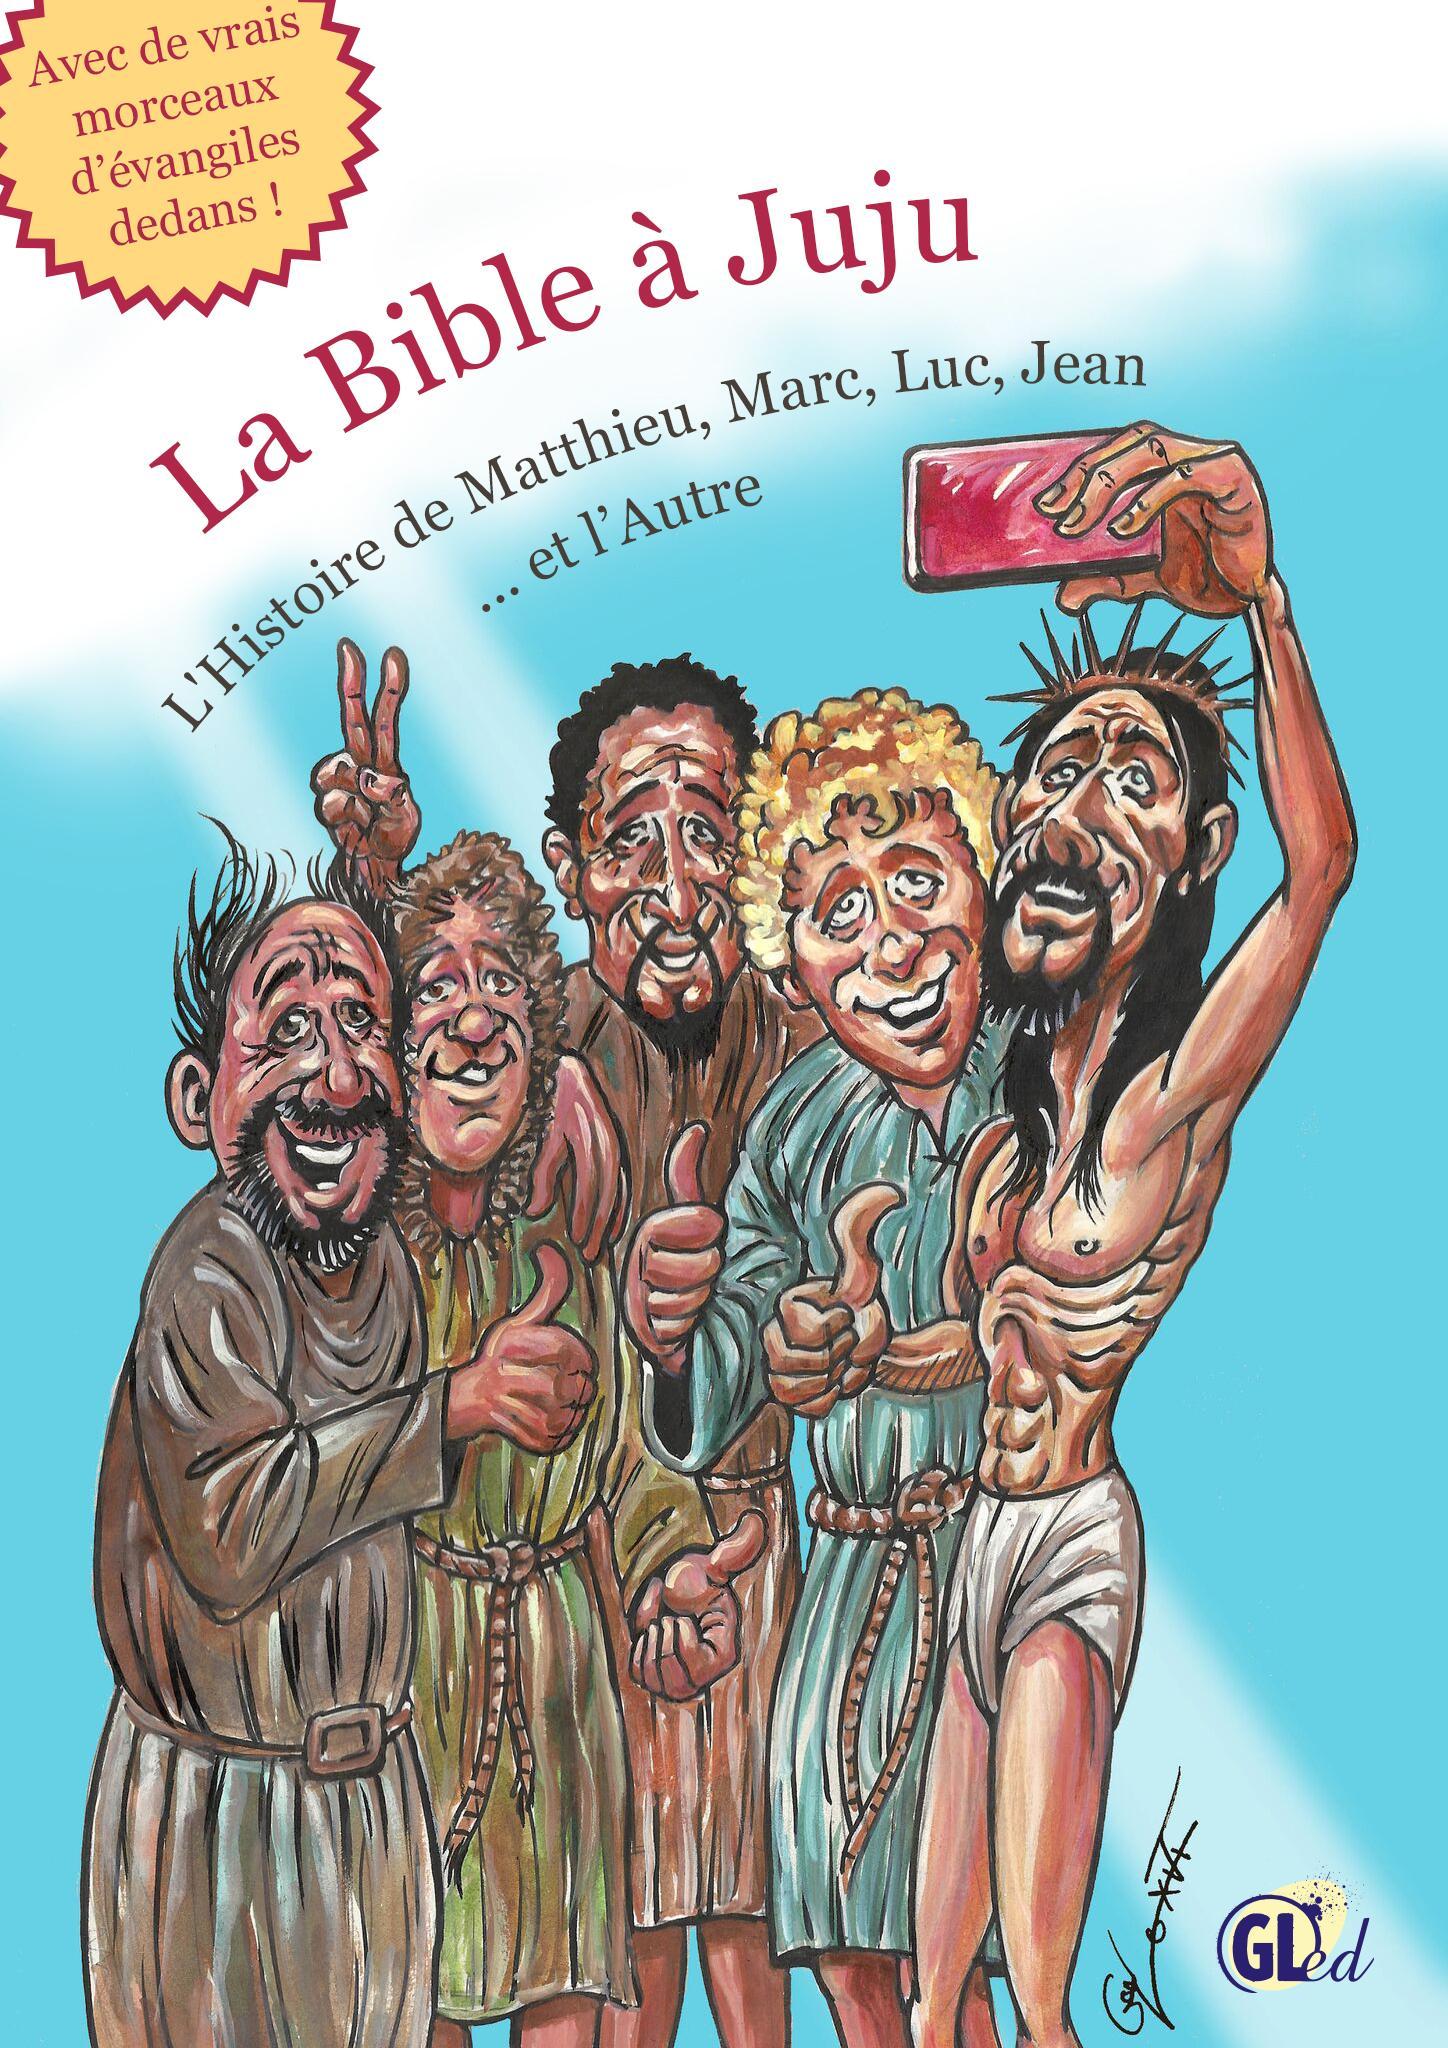 La Bible à Juju, L'HISTOIRE DE MATTHIEU, MARC, LUC, JEAN ET L'AUTRE